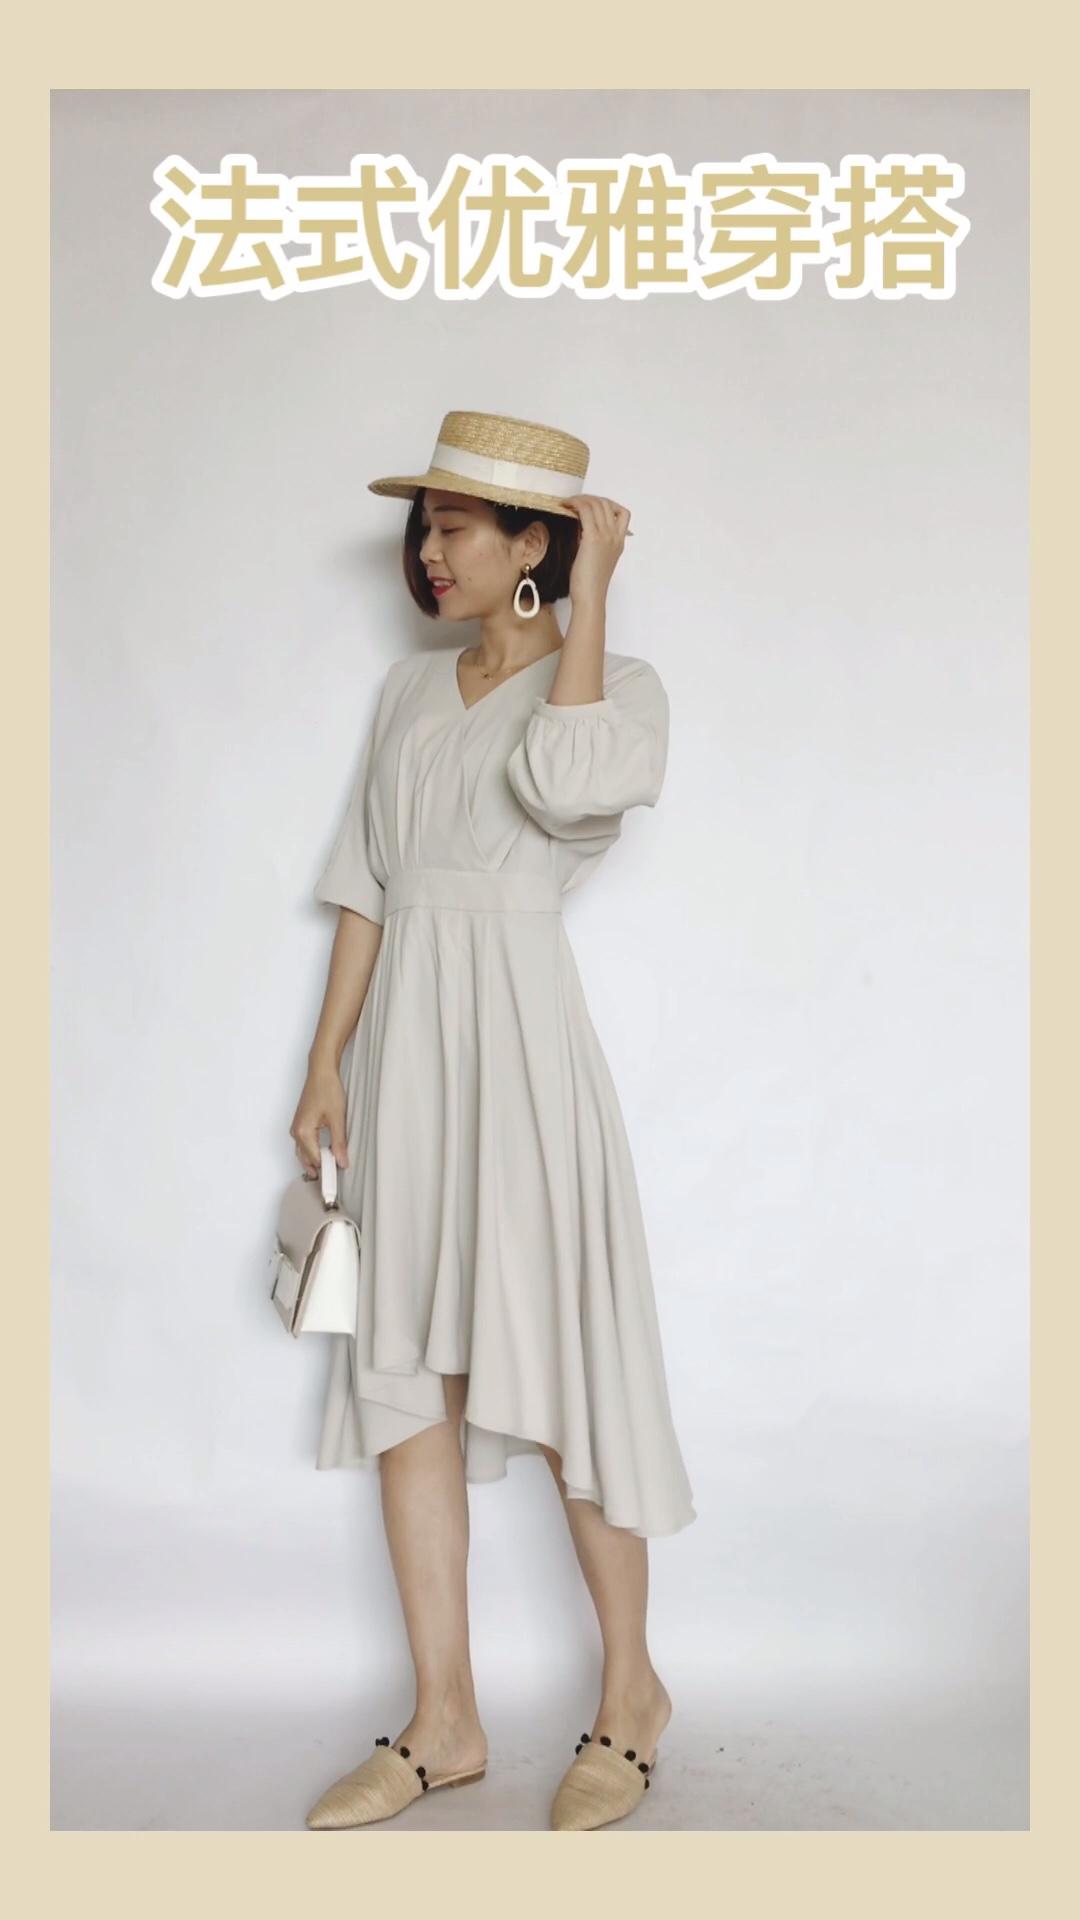 #火遍全网的连衣裙,劝你早点买!# 普门家的连衣裙,不管款式还是材质都是在线的,颜值与质量双优的杰出代表。特别能遮肉,气质感爆棚!搭配了草帽,复古优雅范十足!